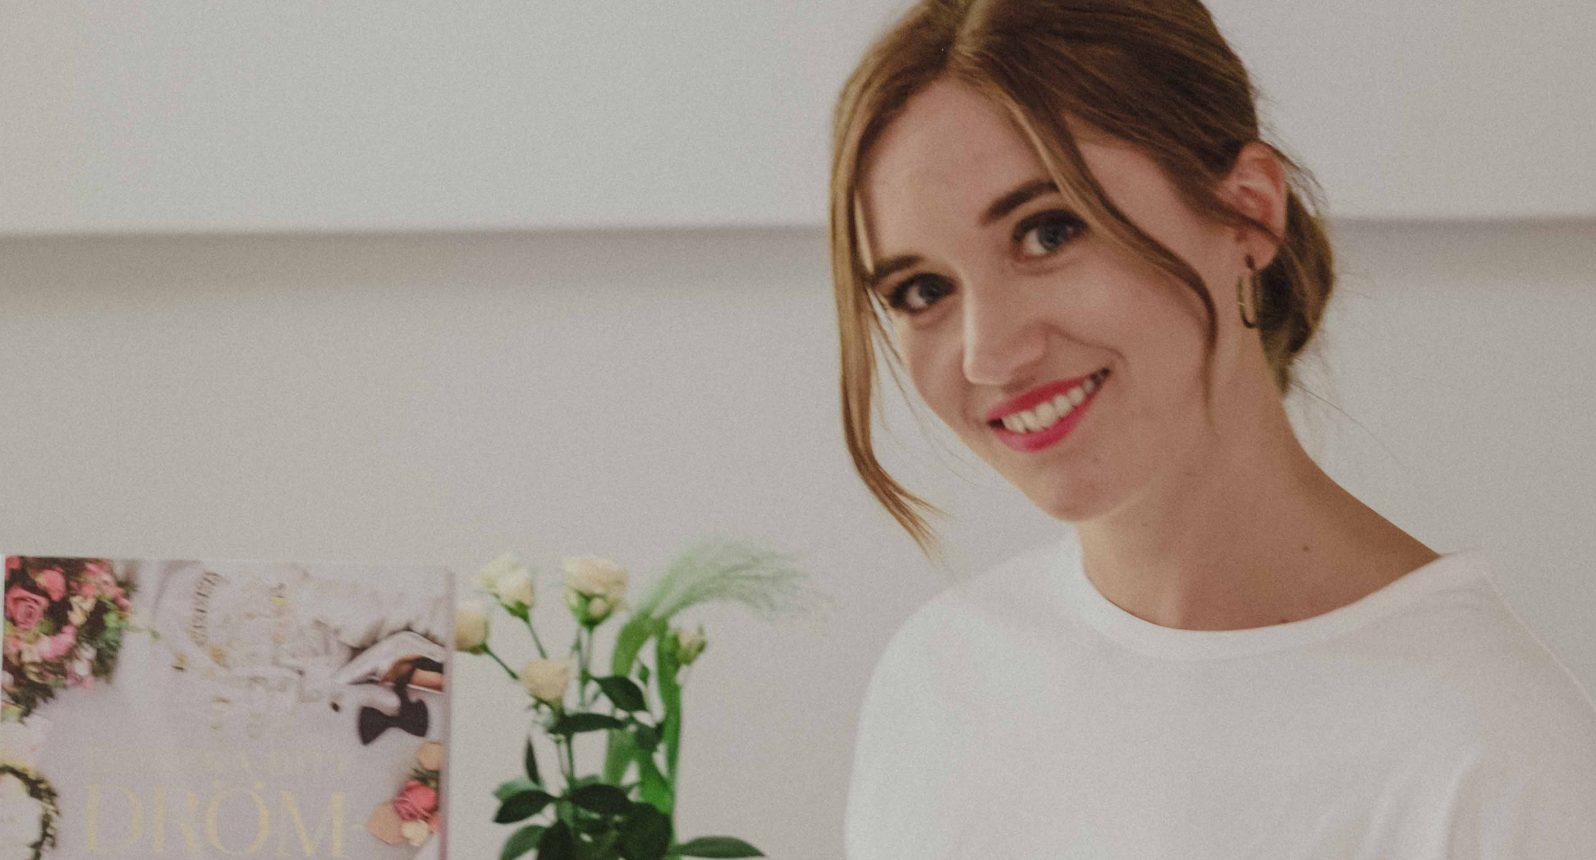 ccb33aadf295 Längtar du efter ett drömbröllop? - Johanna Kajson har koll på allt du  behöver veta - Framtidsanalys